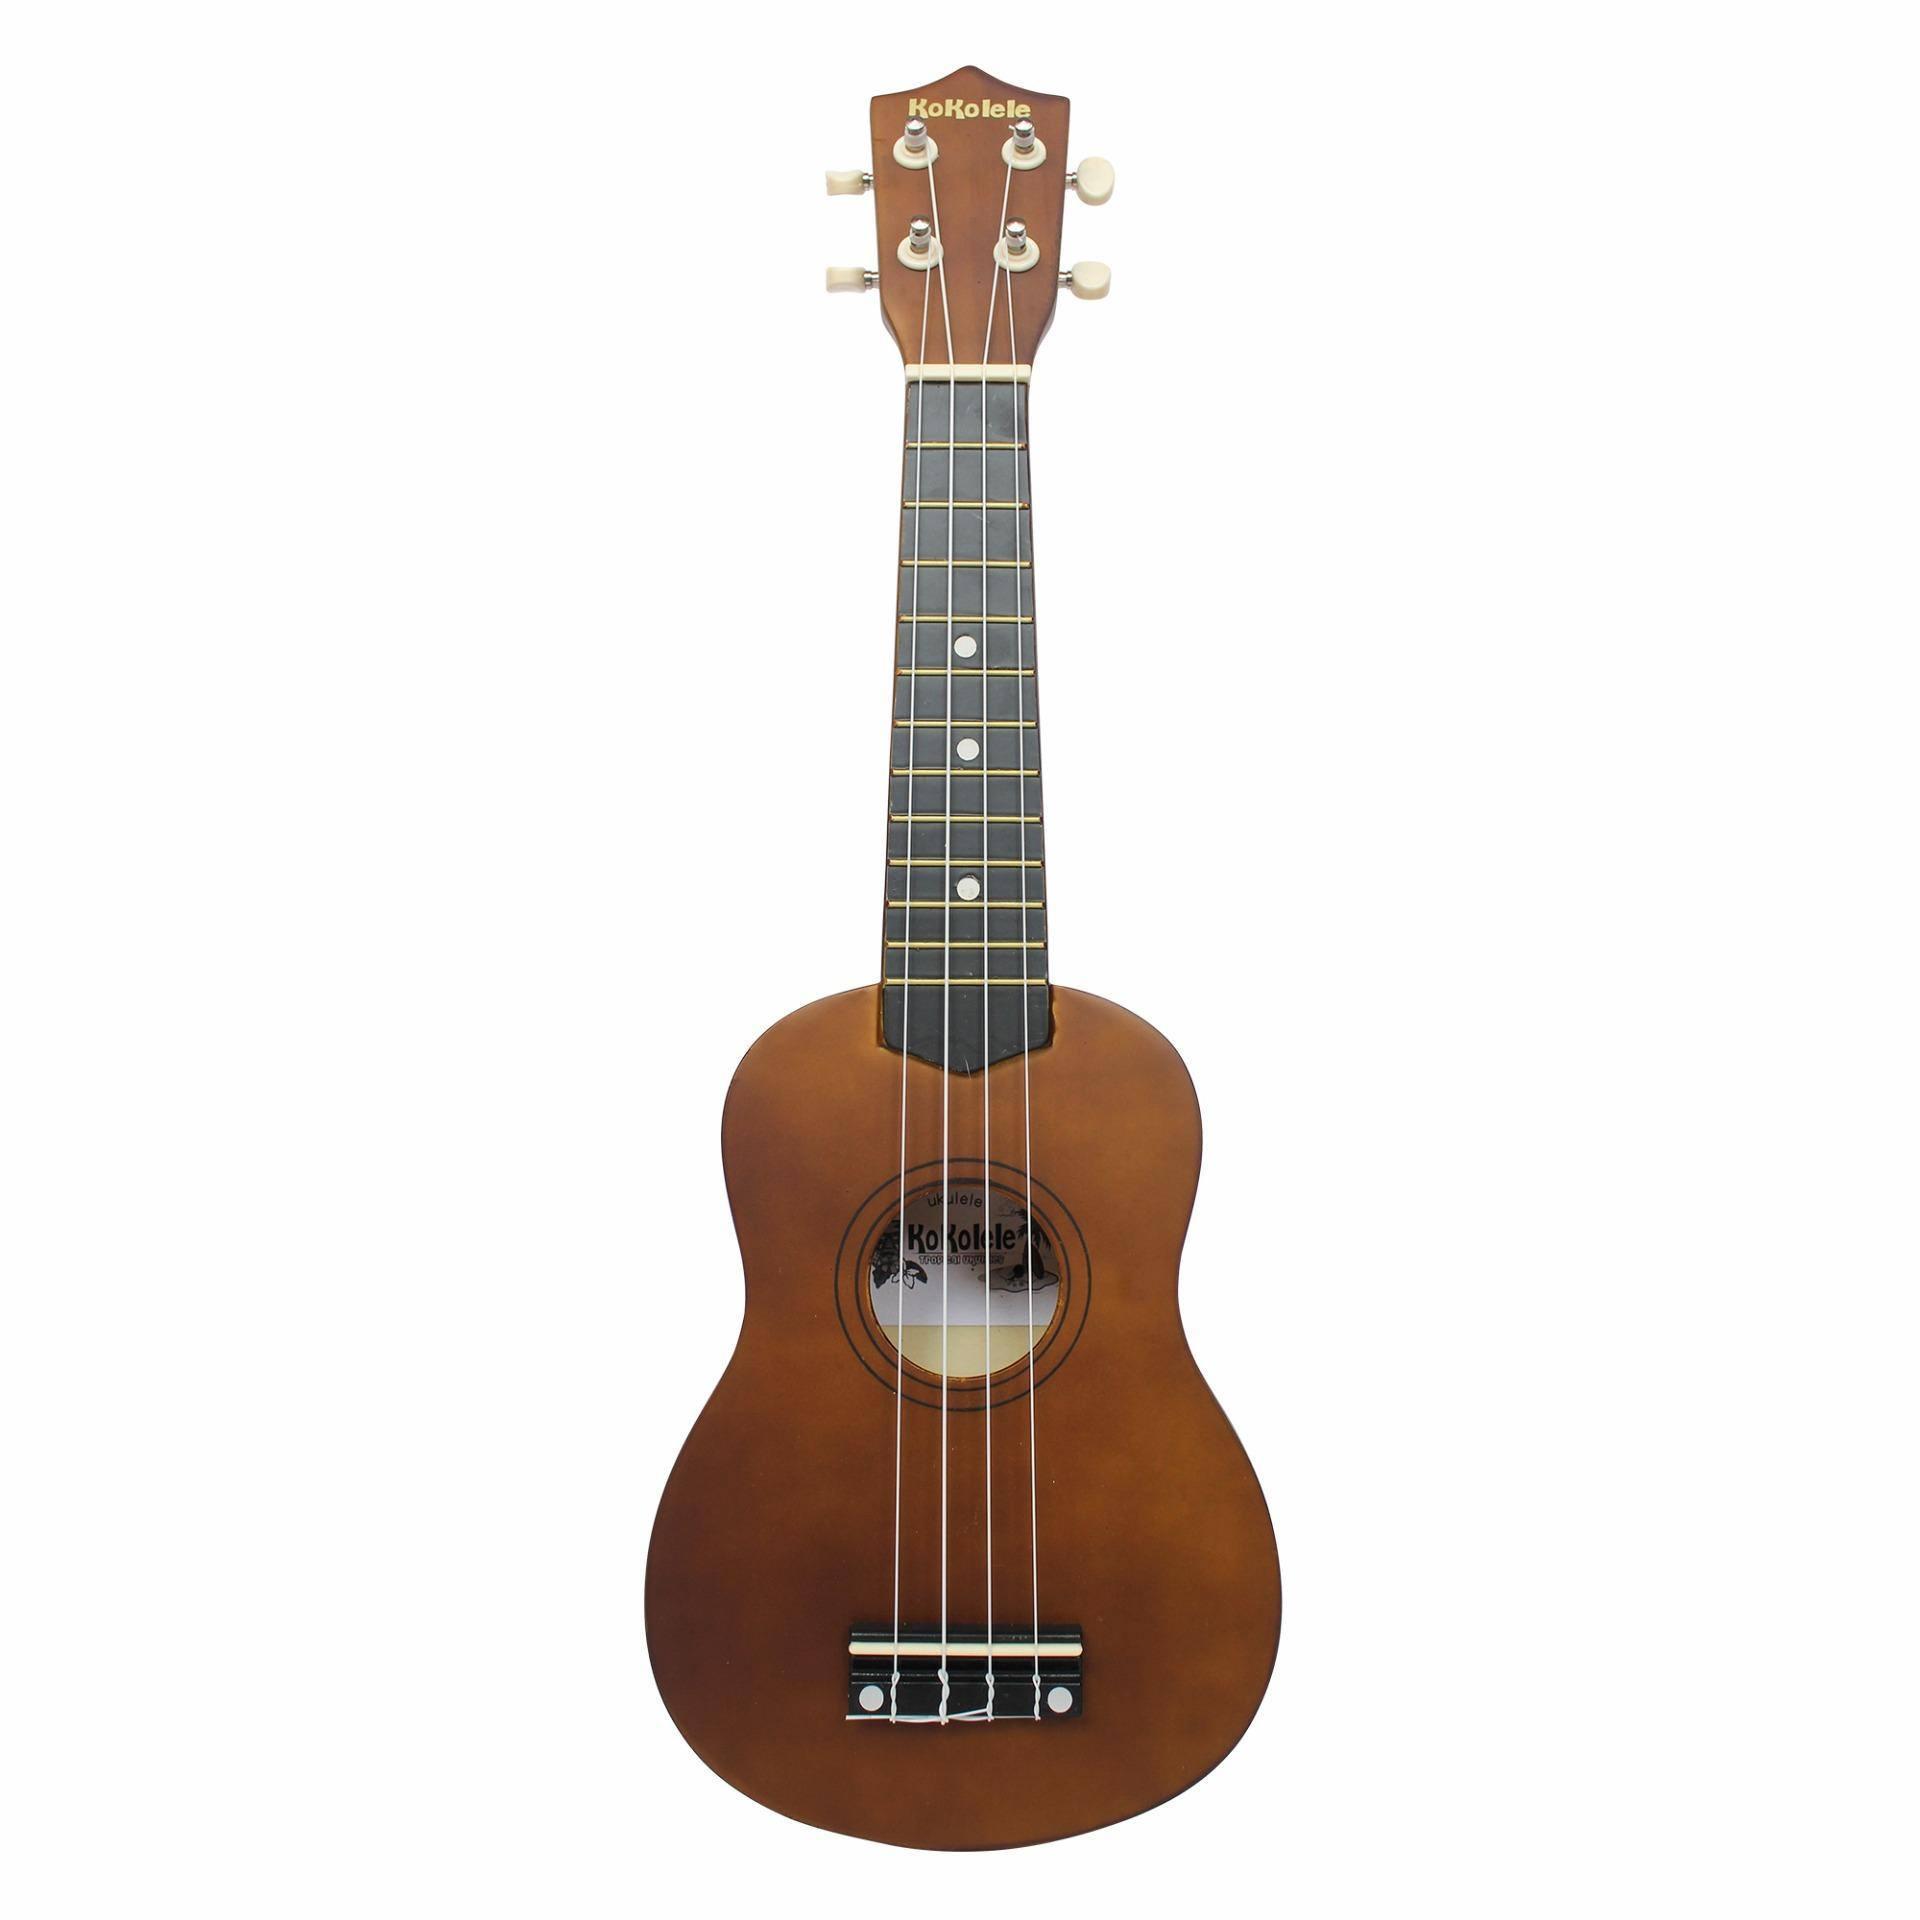 [RẺ GIẬT MÌNH] Đàn ukulele soprano 21inch tặng kèm pick gảy, dây và giáo trình học online Nhật Bản